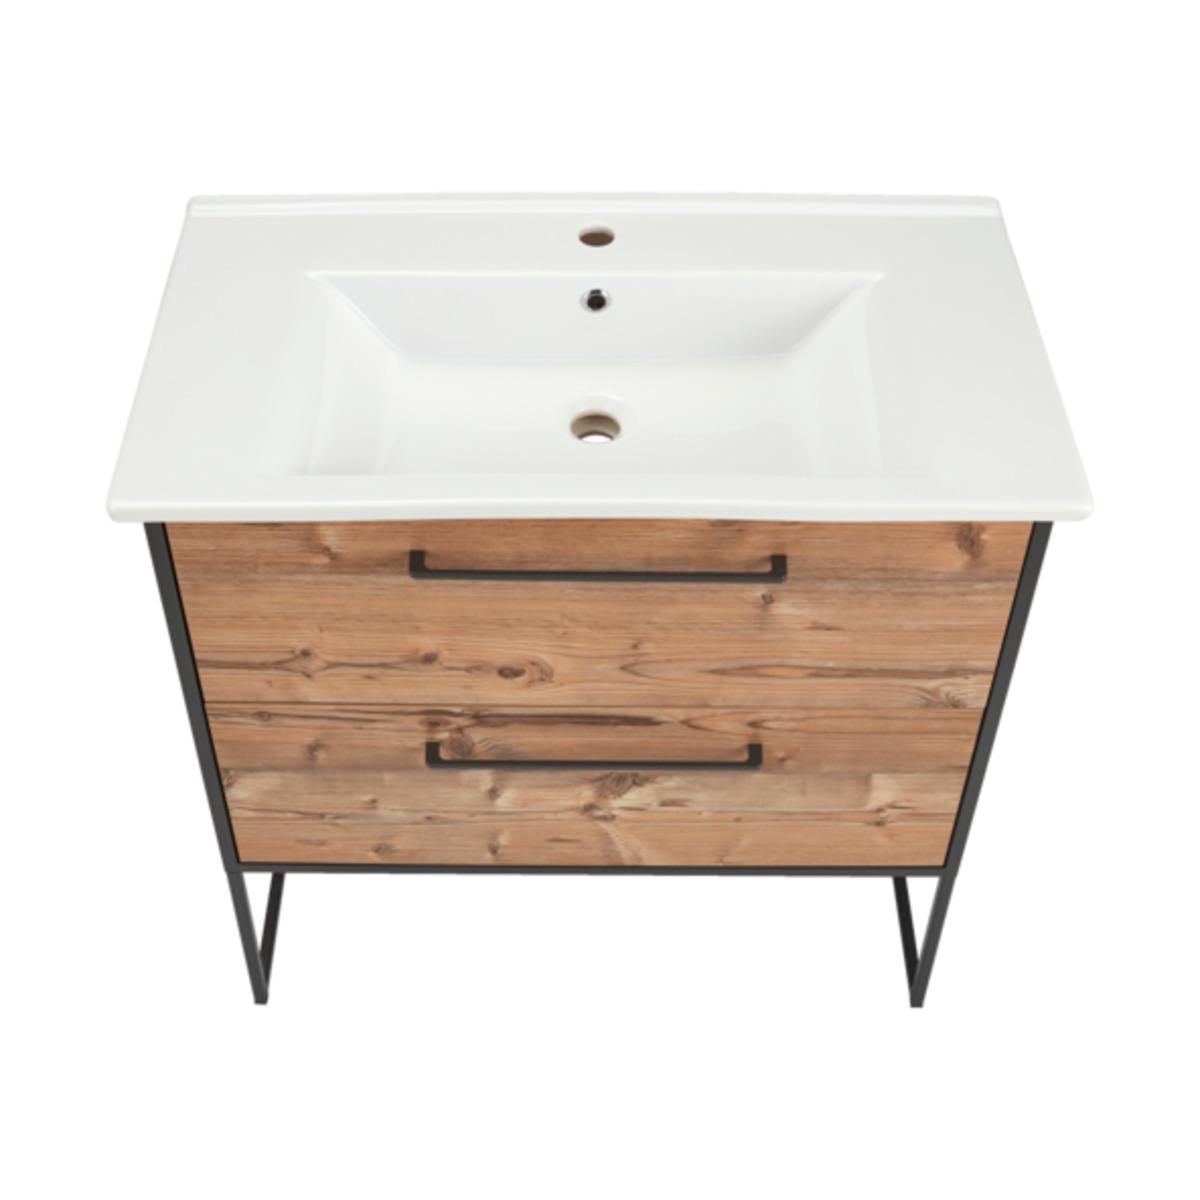 Bild 5 von Bad-Waschtisch Living Style Milano, inkl. Keramik-Waschbecken